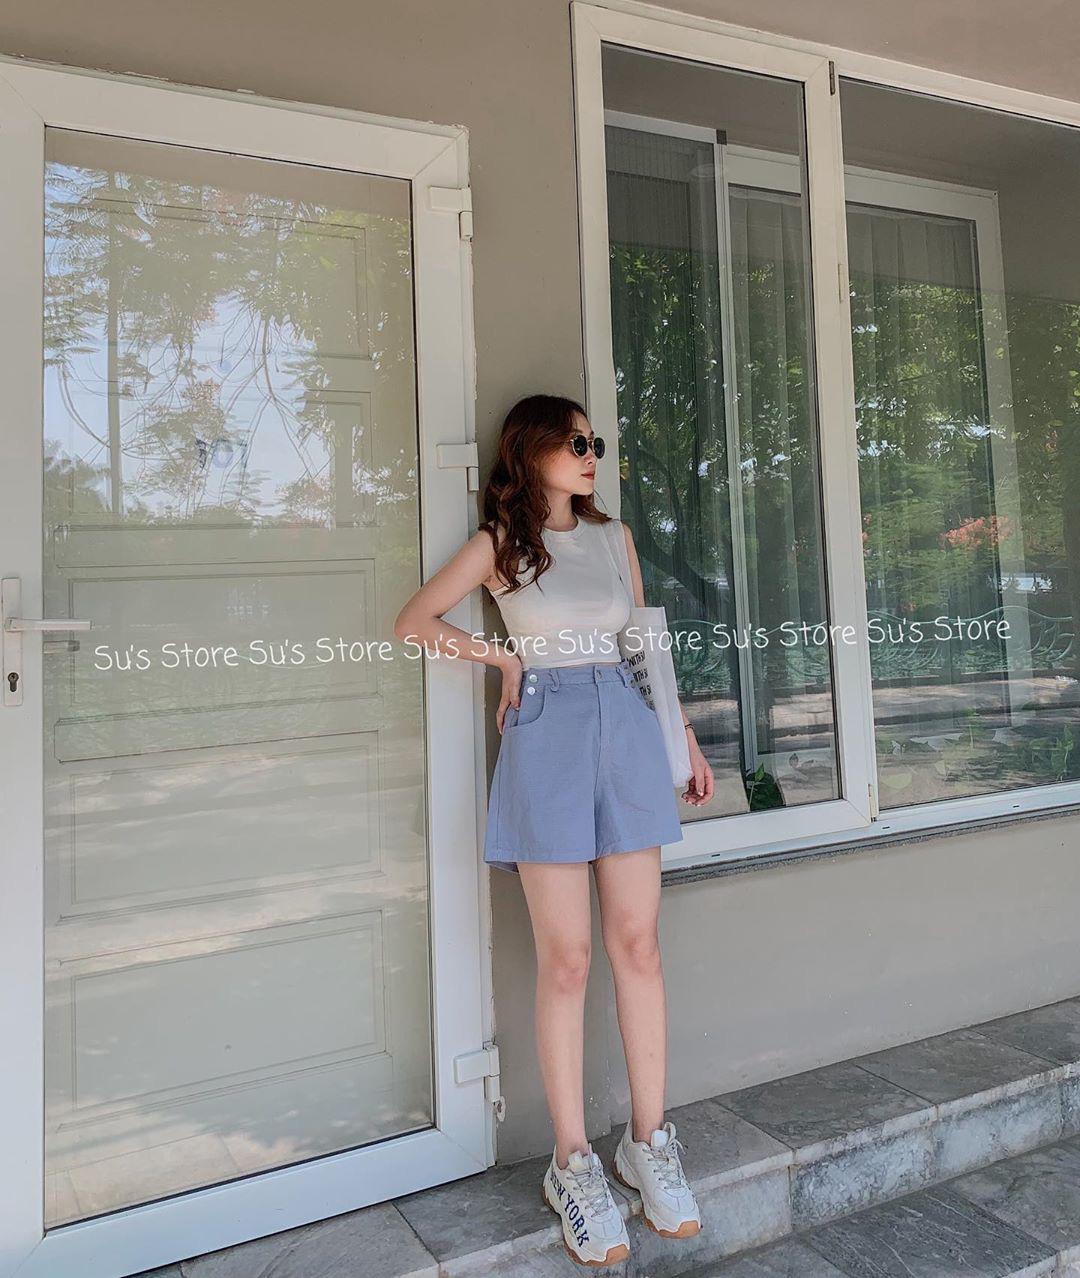 Nhờ chiếc crop top mà netizen mới biết Kim Yoo Jung có vòng eo đẹp mê, bí kíp mặc kín mà vẫn sexy là đây chứ đâu  - Ảnh 9.